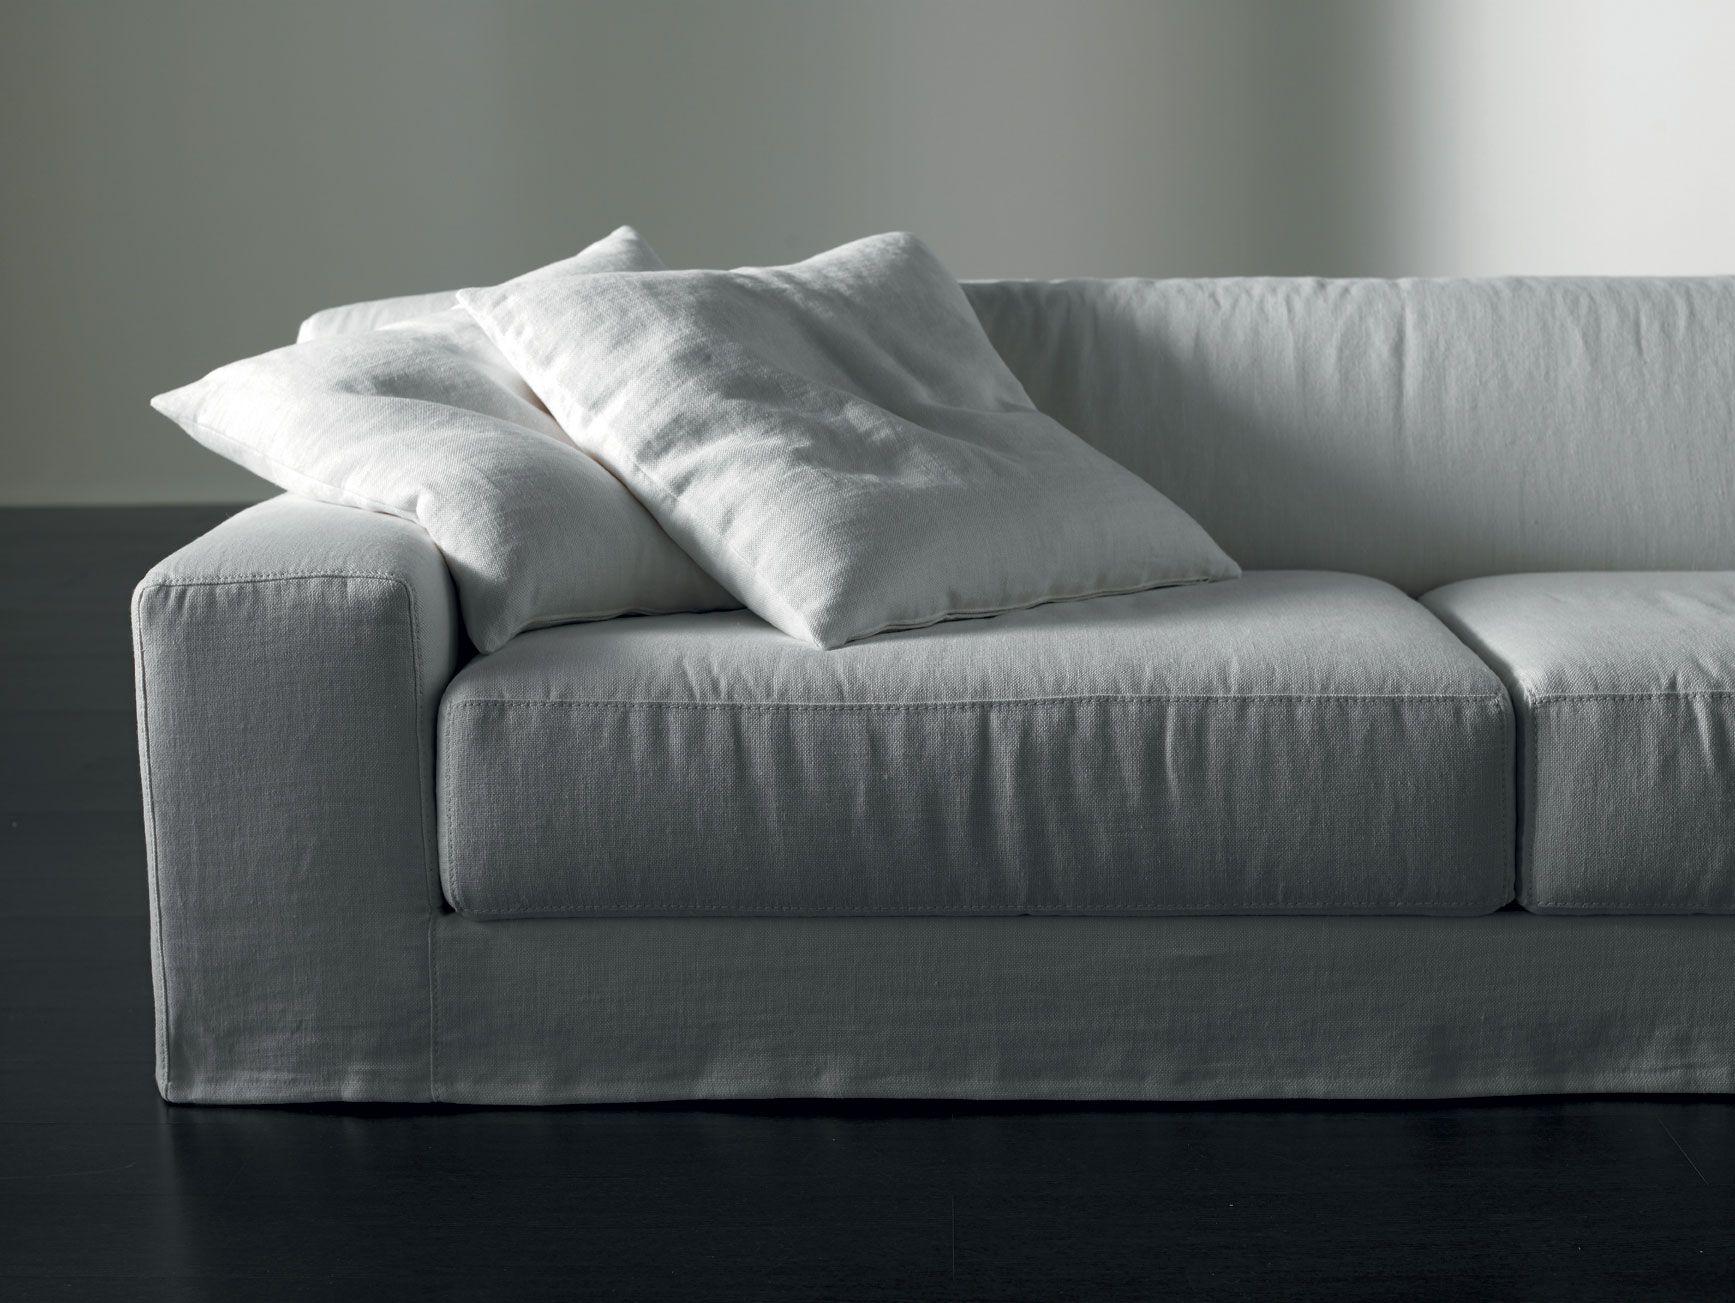 MERIDIANI Freeman Ghost Sofas